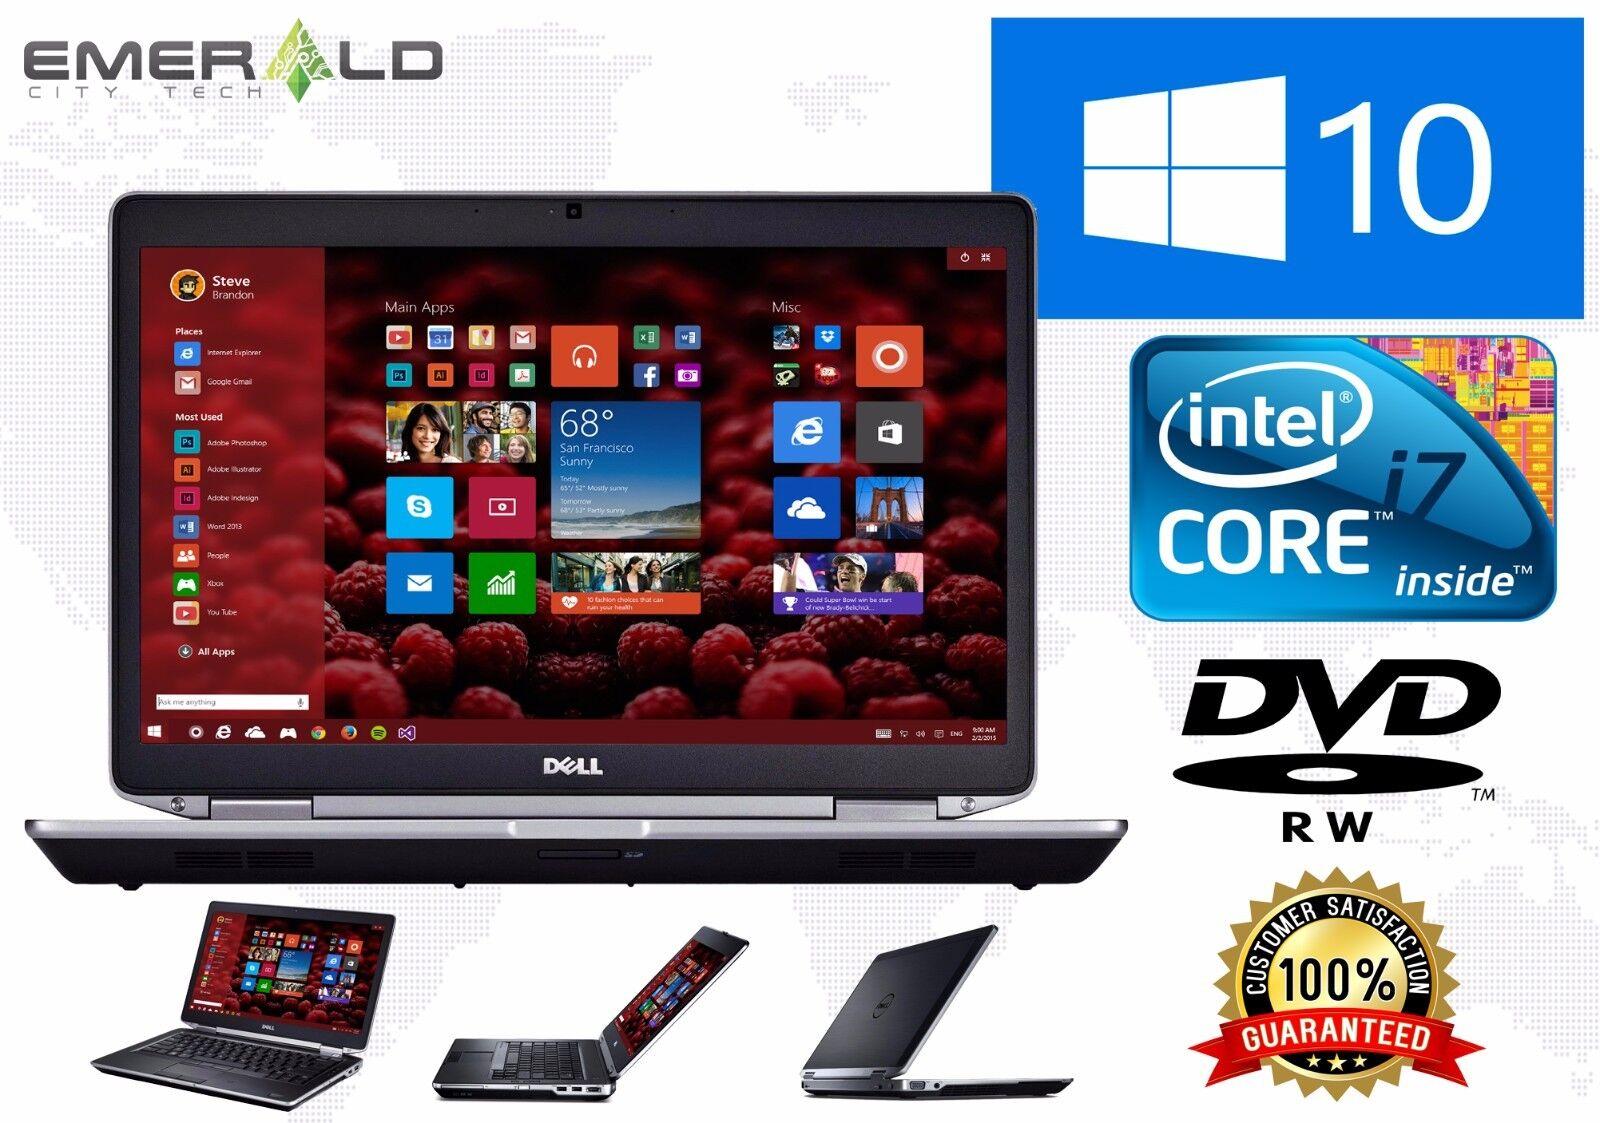 Dell Latitude Laptop E6430 Intel Core i7 Turbo 3rd Gen 8GB 320GB Win 10 Pro WiFi